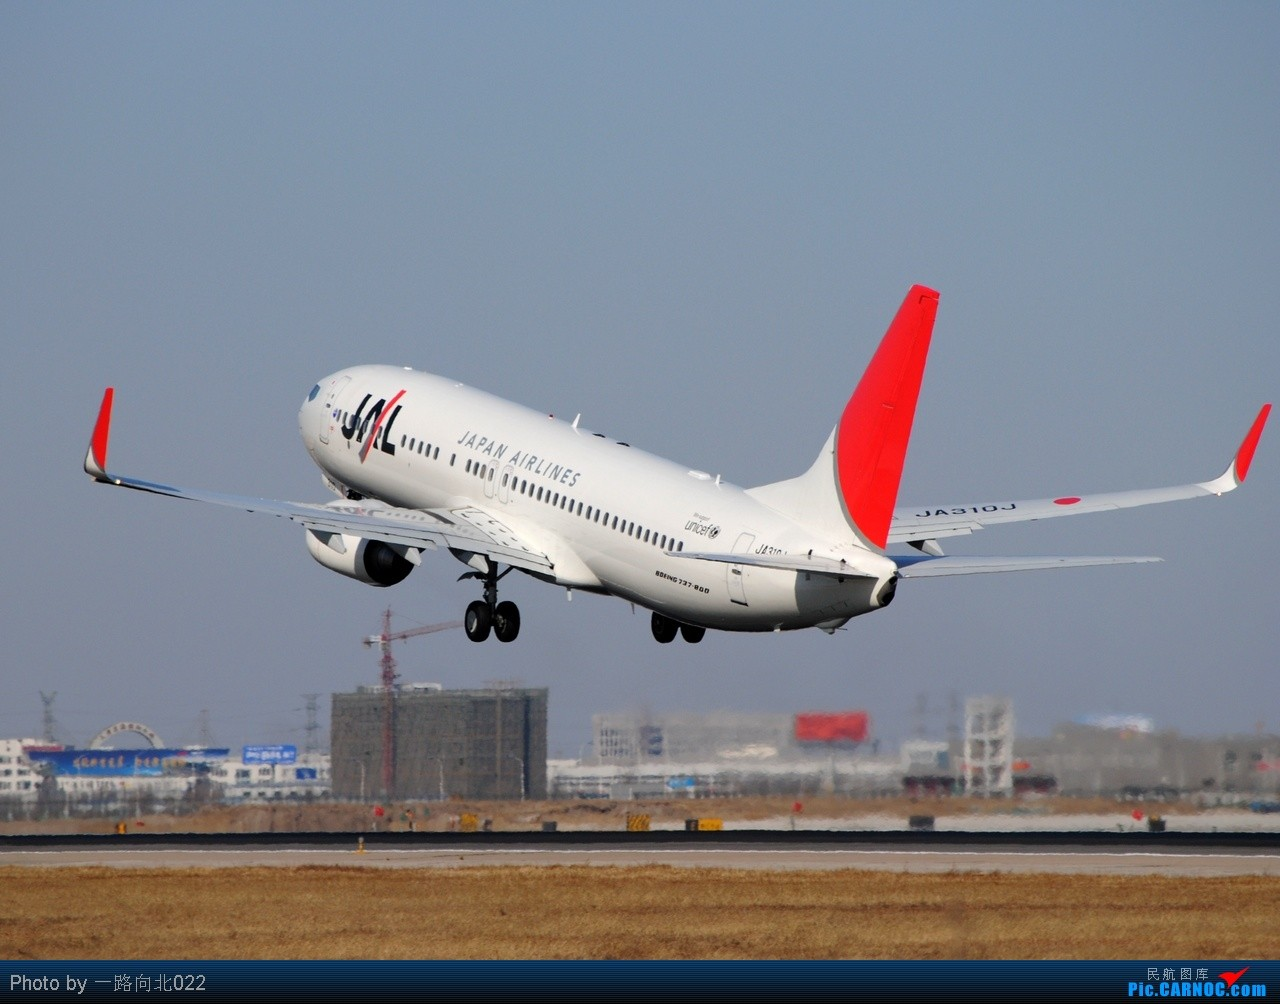 Re:[原创]**TSN**TSN**以几个不同的角度  证明在万家欢乐时我的存在    中国天津滨海机场